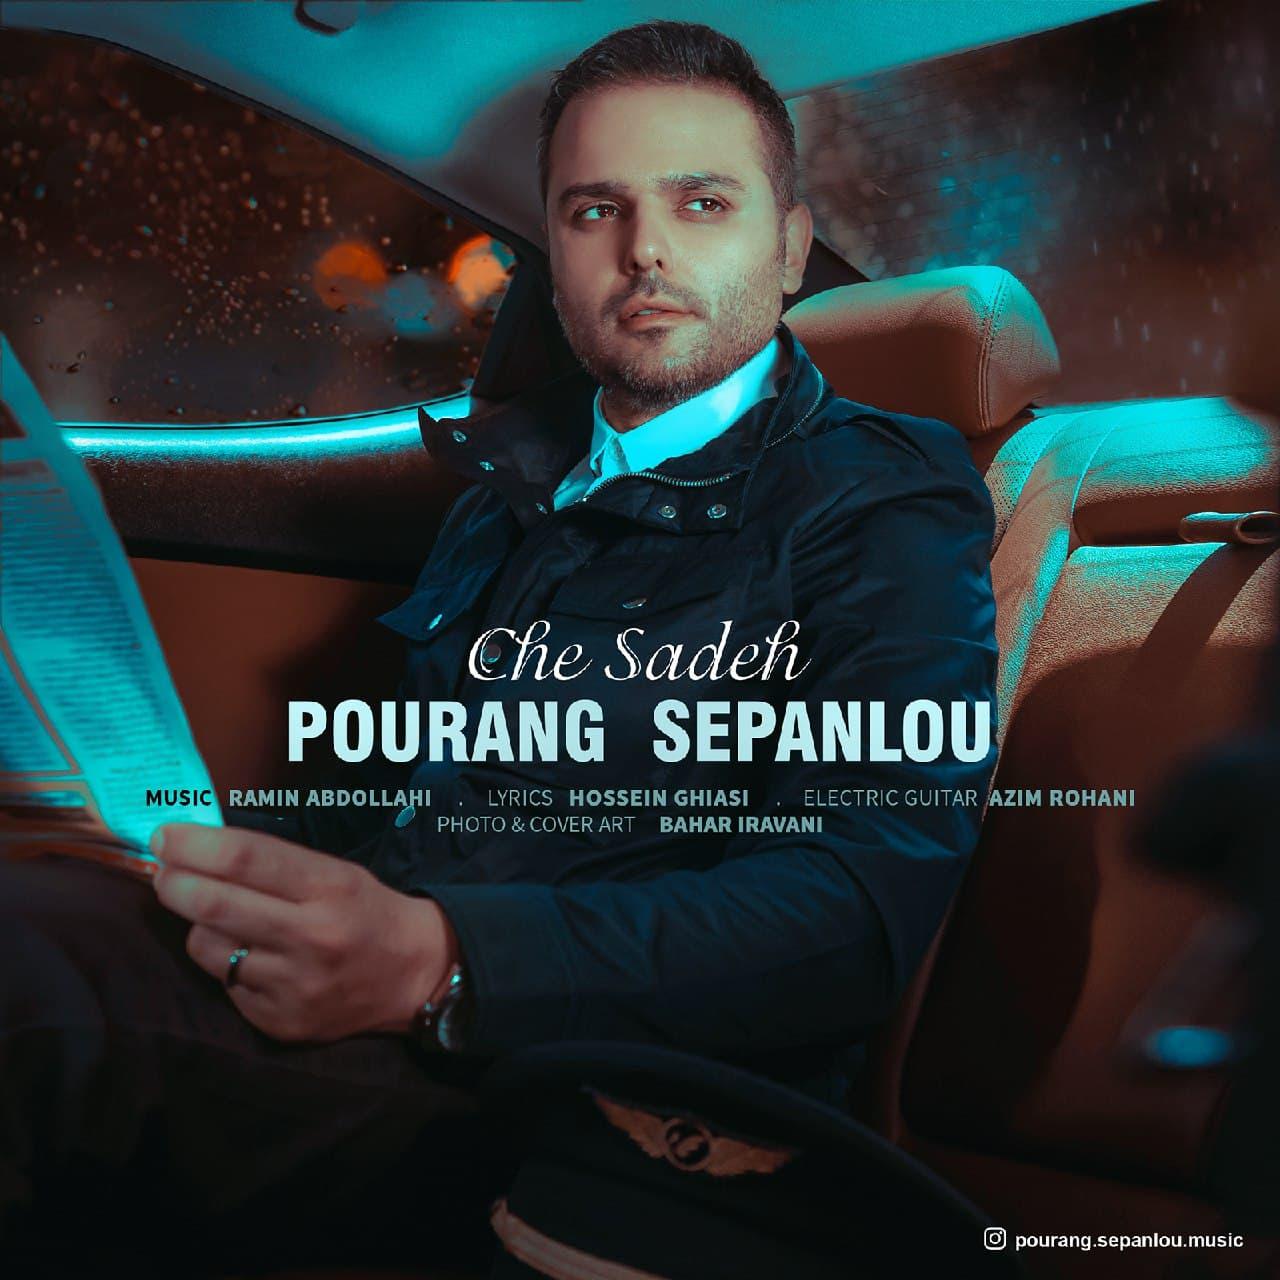 Pourang Sepanlou – Che Sadeh